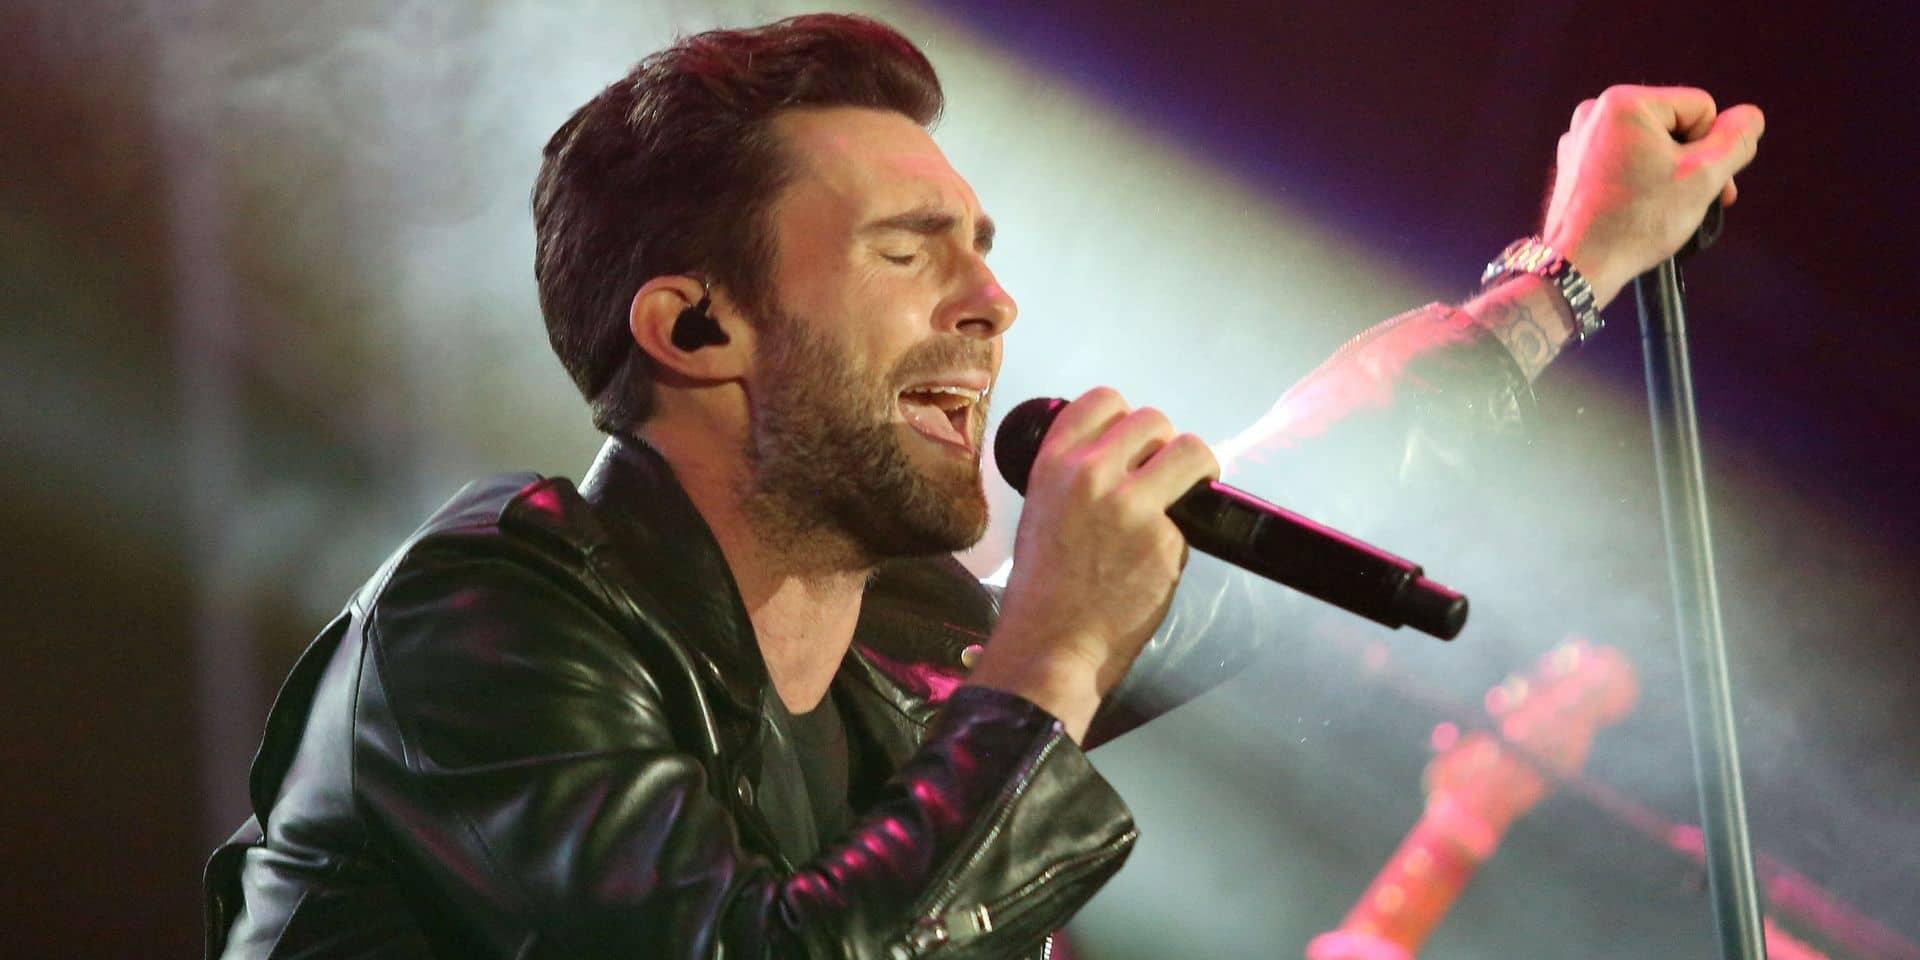 Le choc pour les fans de Maroon 5: Adam Levine ne ressemble plus du tout à ça